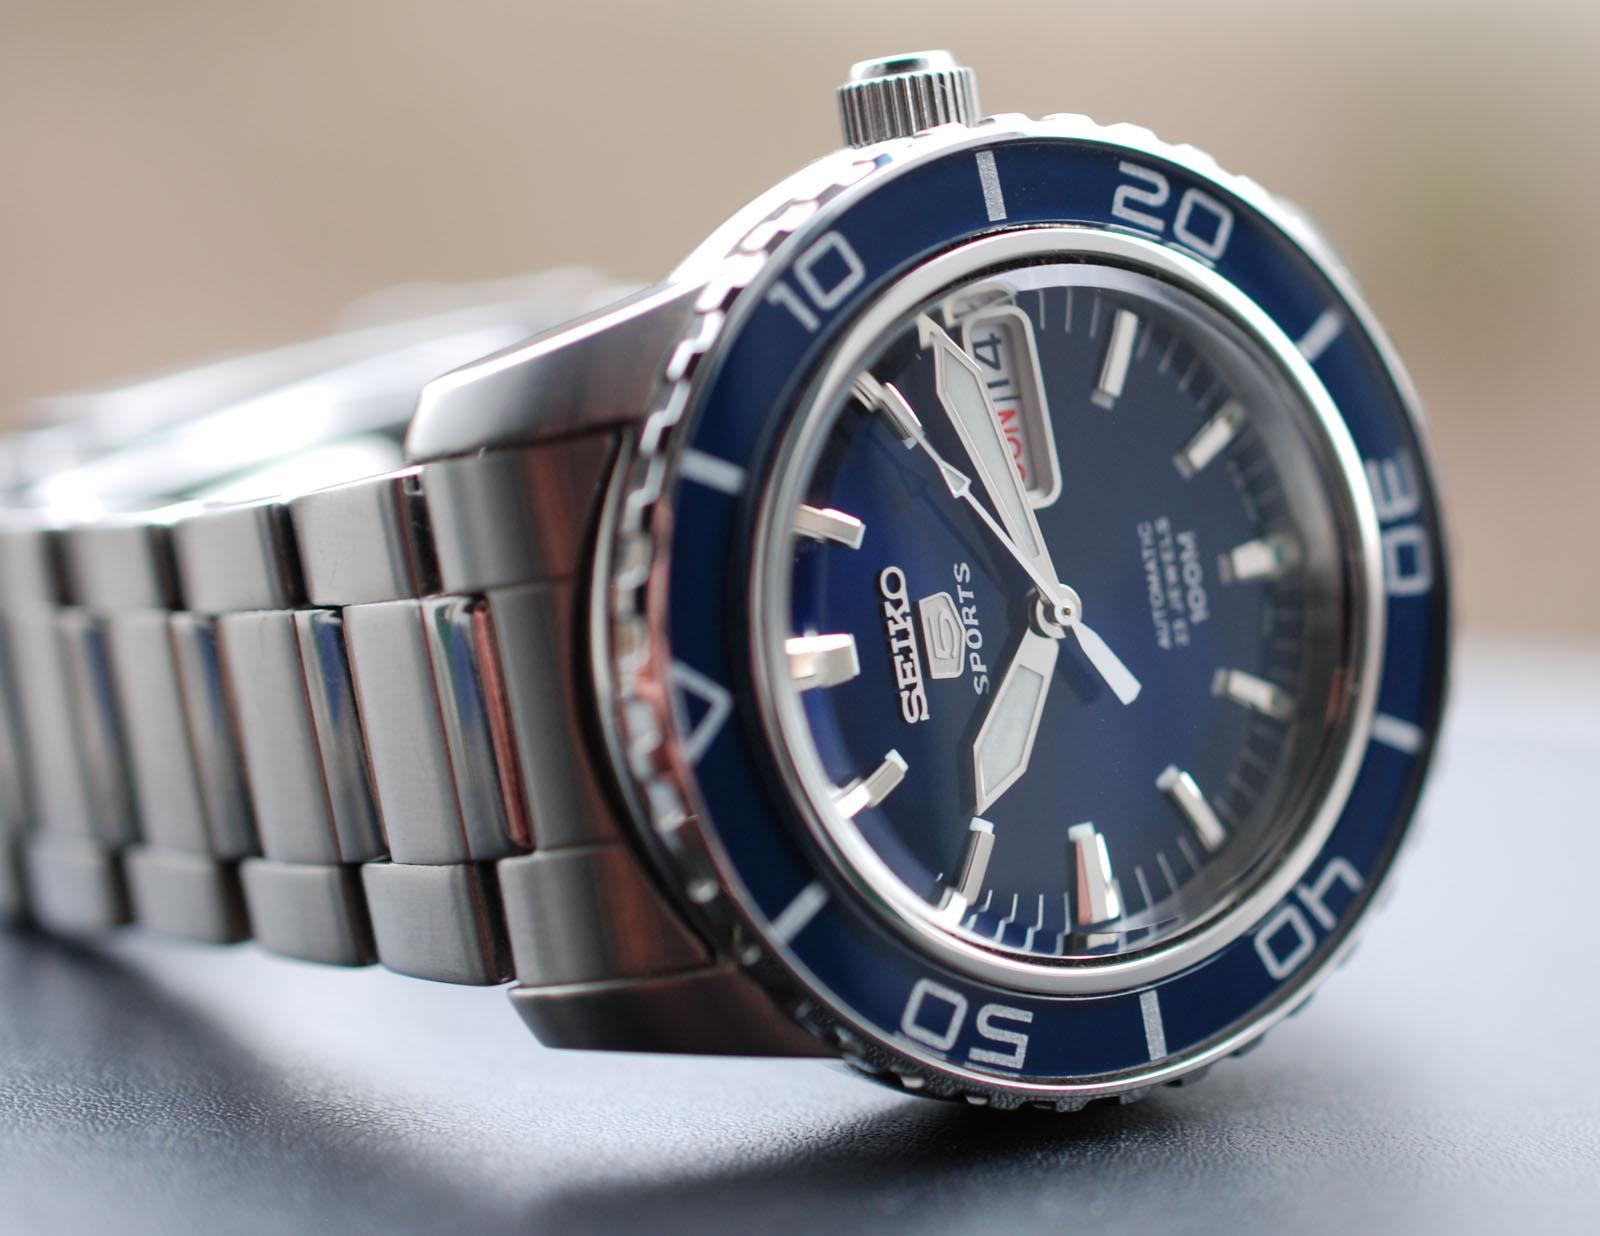 602548d1365933517-seiko-glossy-blau-snzh